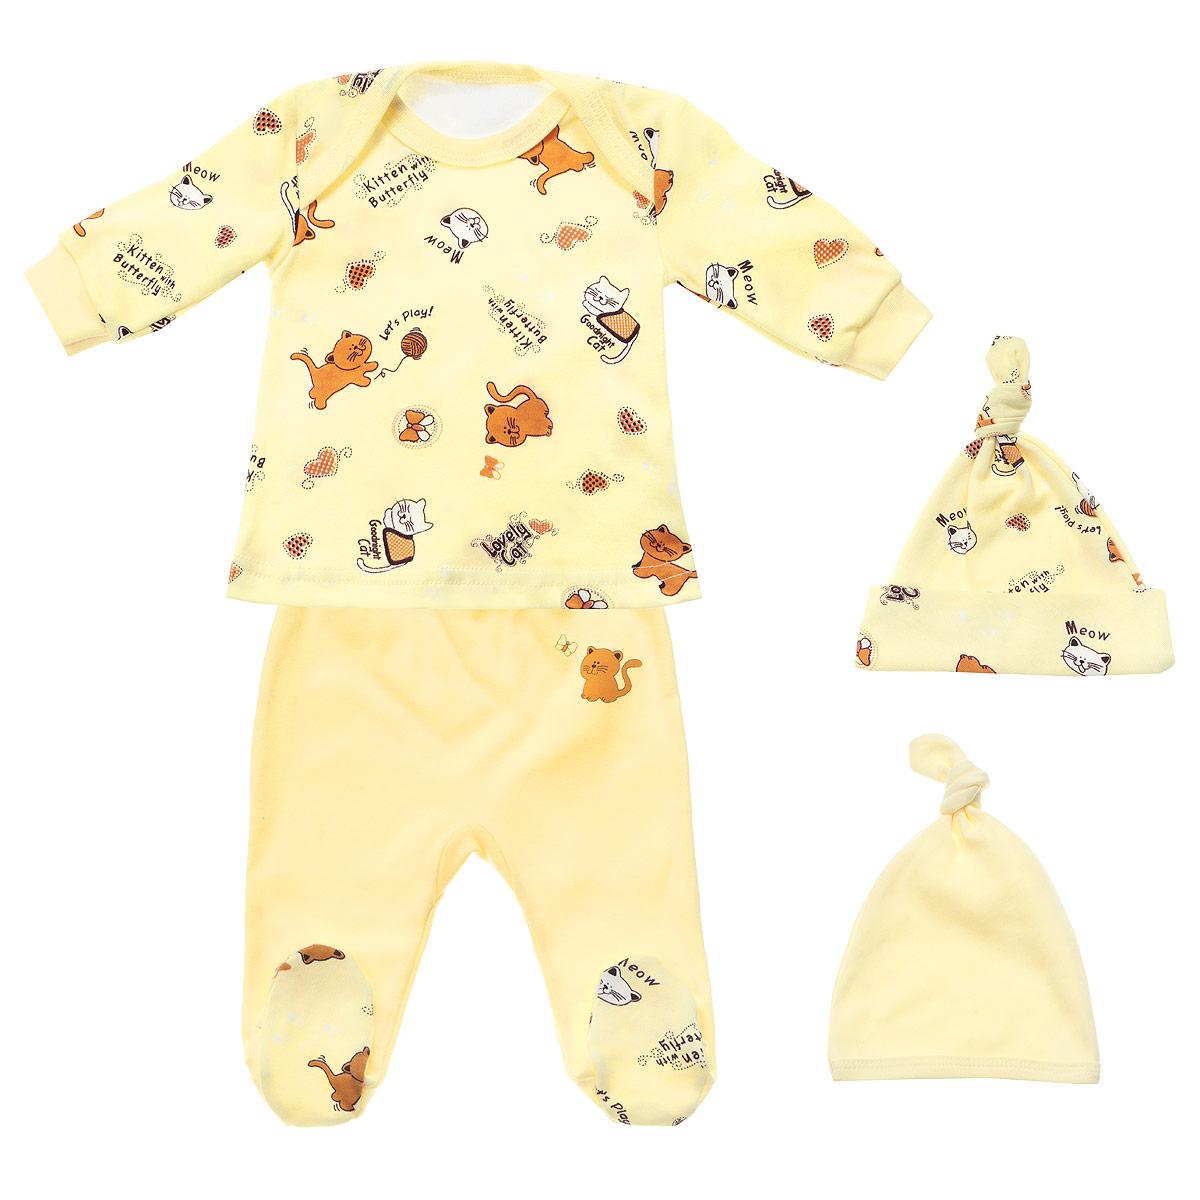 Комплект детский, 4 предмета. 33к-5236 желт33к-5236Детский комплект одежды Фреш Стайл прекрасно подойдет вашему малышу. Он включает в себя футболку с длинным рукавом, ползунки и две шапочки. Изготовлен комплект из натурального хлопка, благодаря чему он необычайно мягкий, не раздражает нежную кожу ребенка и хорошо вентилируется, а эластичные швы приятны телу крохи и не препятствуют его движениям. Футболка капелька с длинными рукавами на плечах имеет удобные запахи, что позволит легко переодеть младенца. Оформлено изделие оригинальным принтом с изображением котиков. Вырез горловины дополнен трикотажной бейкой. Рукава снабжены трикотажными манжетами. Ползунки с закрытыми ножками на талии имеют широкую трикотажную резинку, не сдавливающую животик ребенка, обеспечивая наибольший комфорт. Они выполнены из однотонной ткани и оформлены изображением милого котенка. Стопы изготовлены из принтованной ткани. Шапочка защищает еще не заросший родничок от ветра и солнца. Внутренние швы тщательно обработаны, чтобы не...